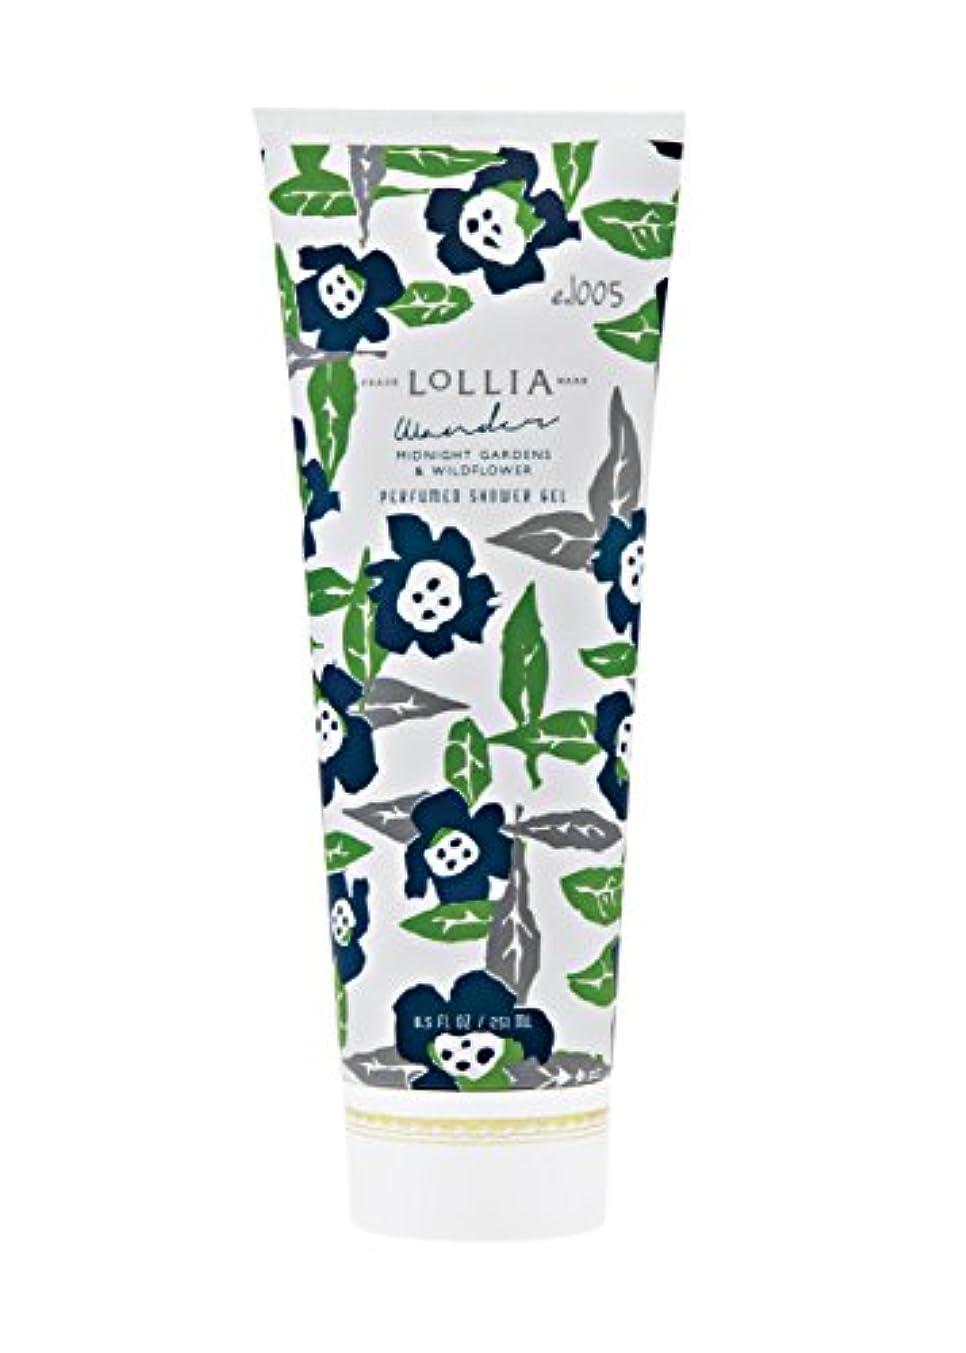 フェロー諸島天の品揃えロリア(LoLLIA) パフュームドシャワージェル Wander 251ml(全身用洗浄料 ボディーソープ ナイトブルーミングジャスミンとサイプレスの香り)